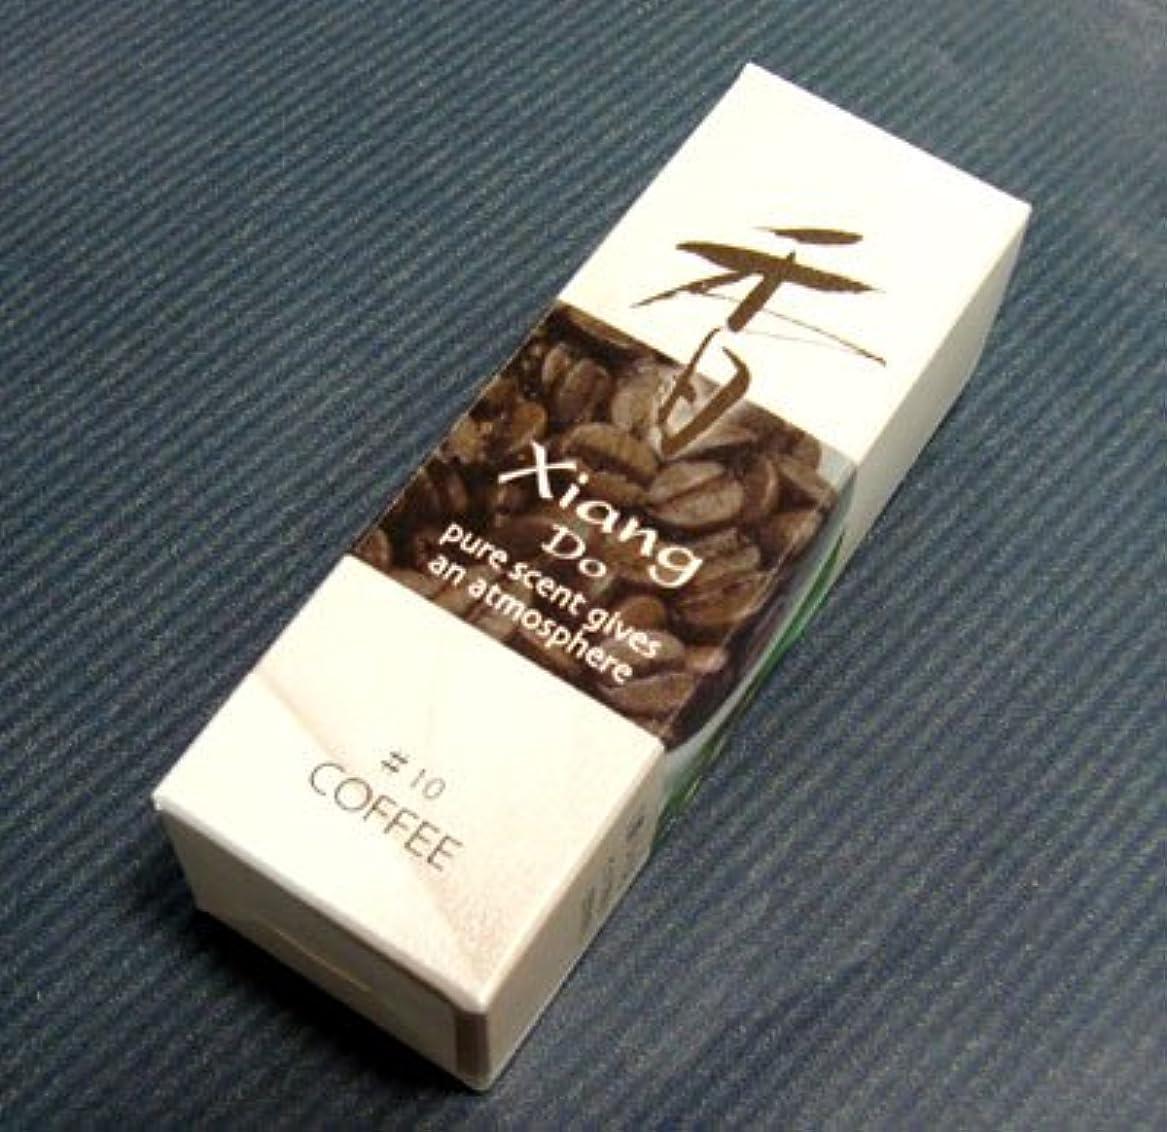 コクと苦味のコーヒーの香り 松栄堂【Xiang do コーヒー】スティック 【お香】